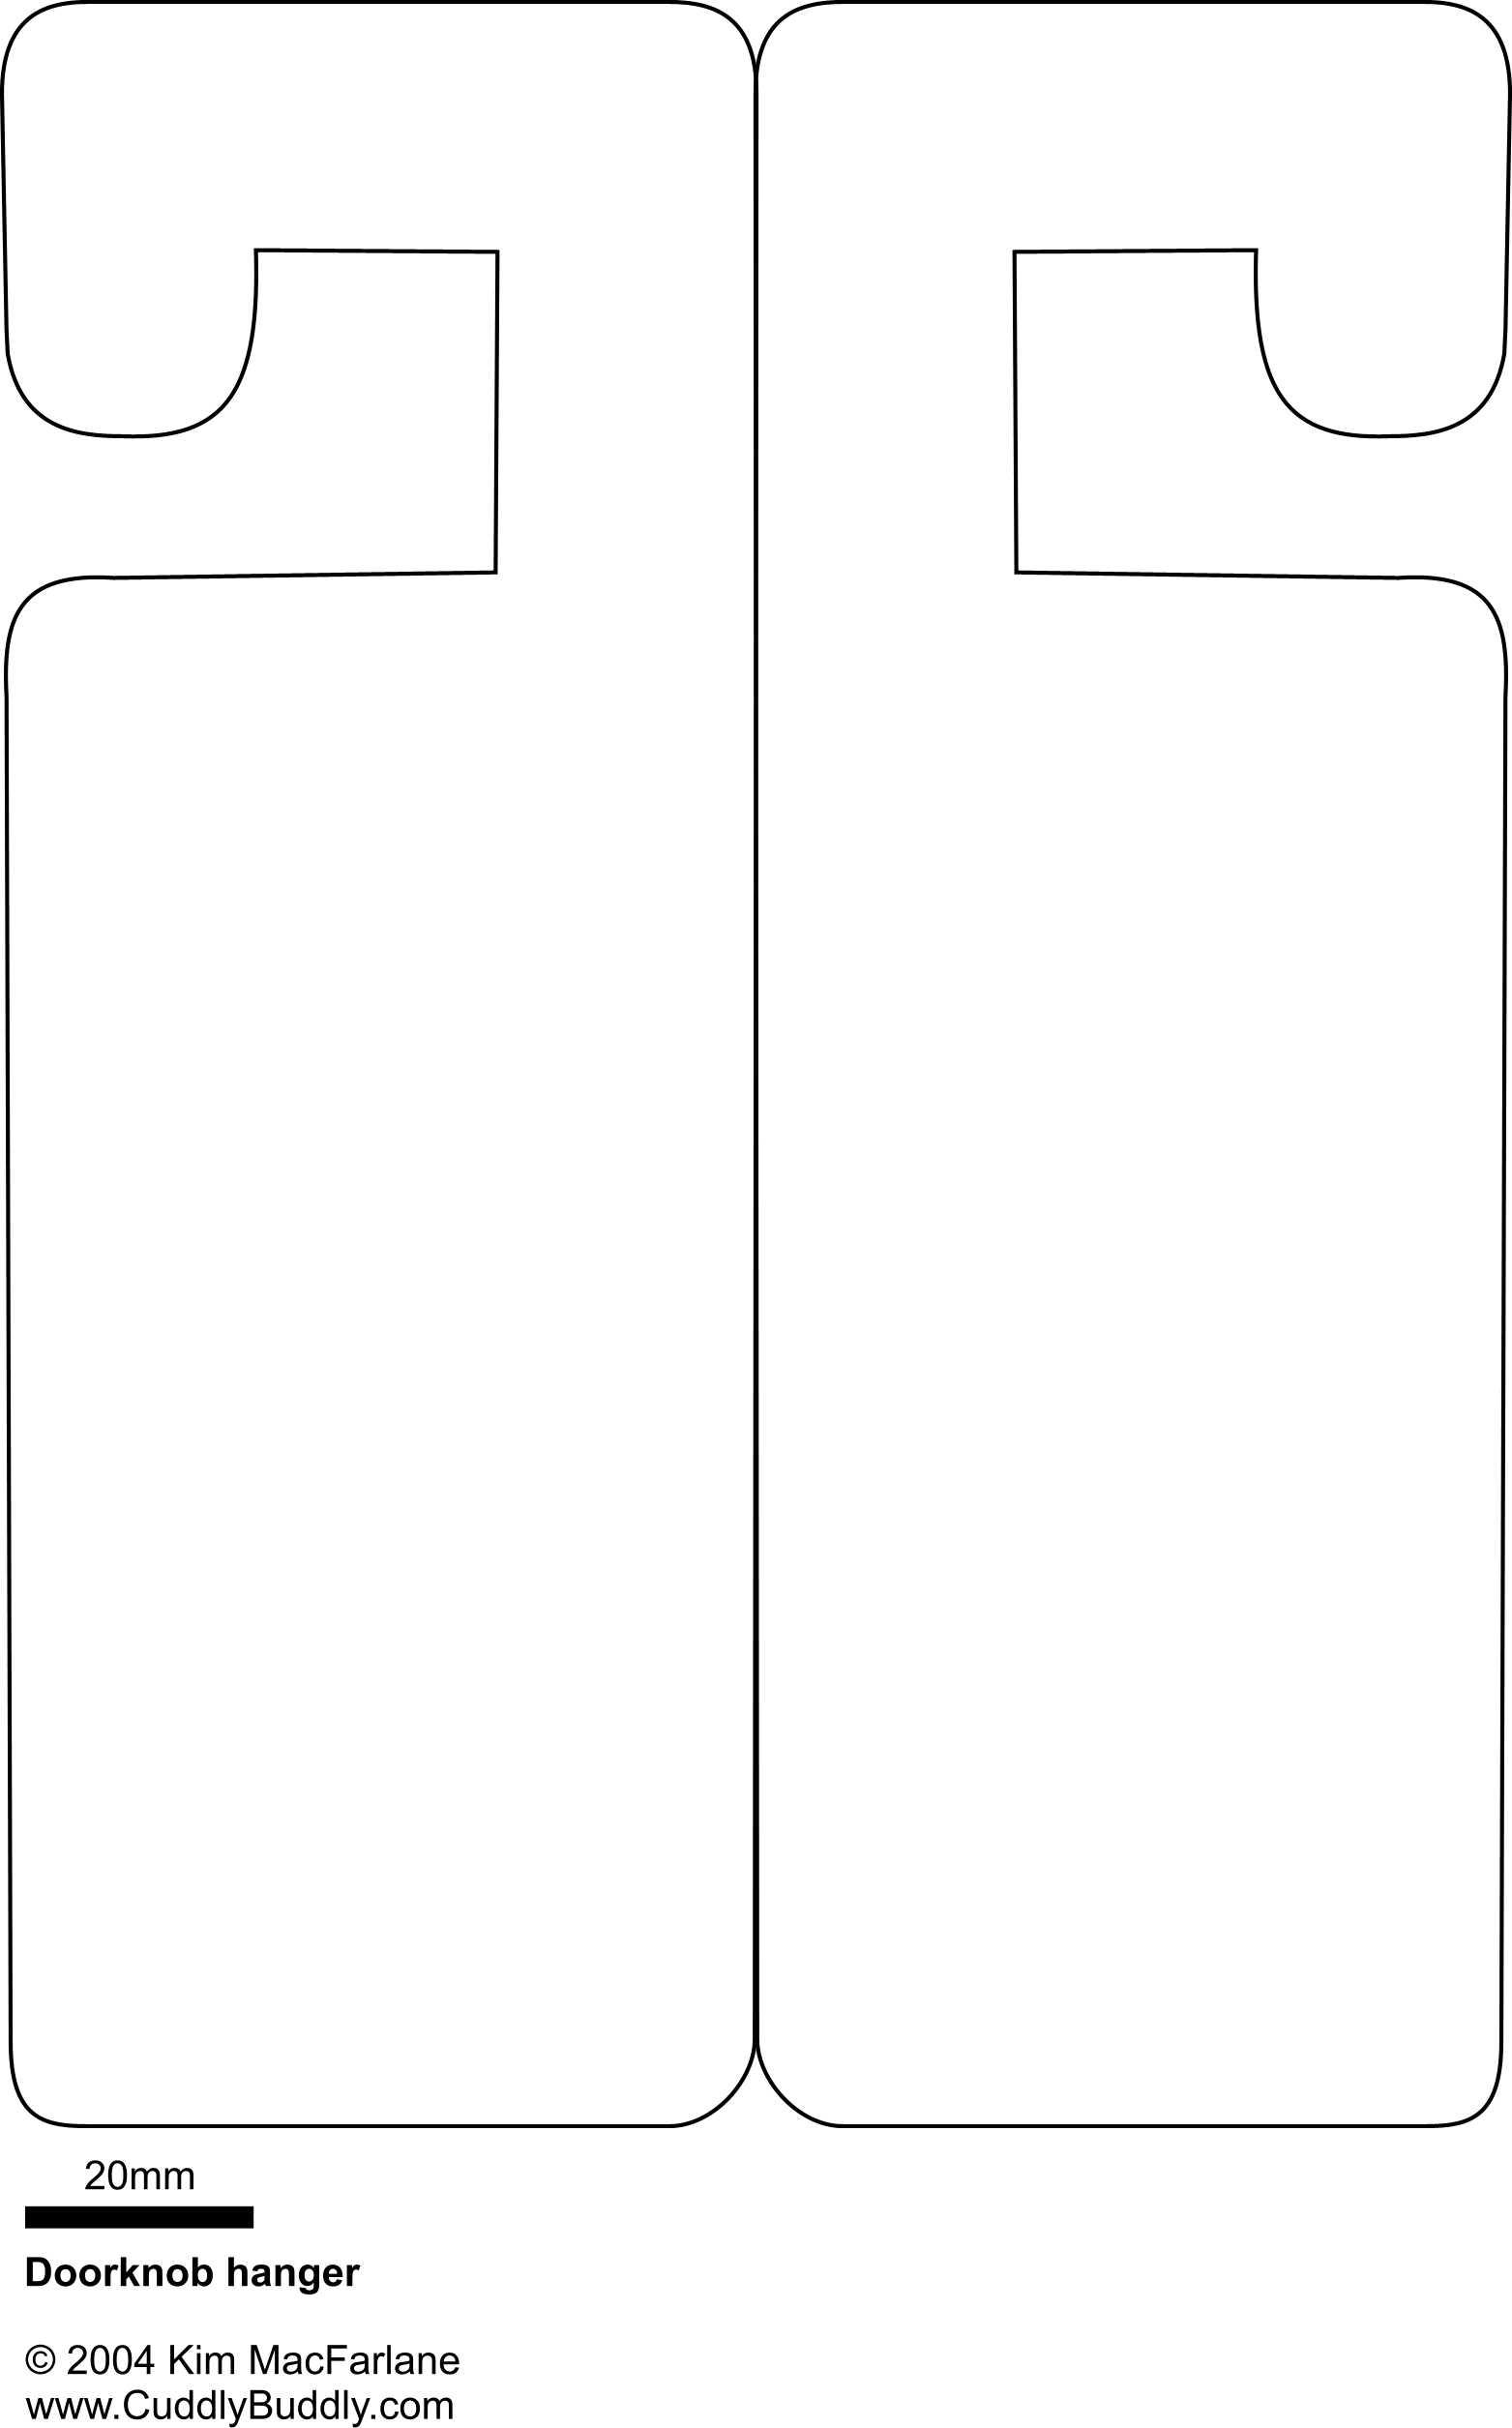 door knob hangers template free photo - 8